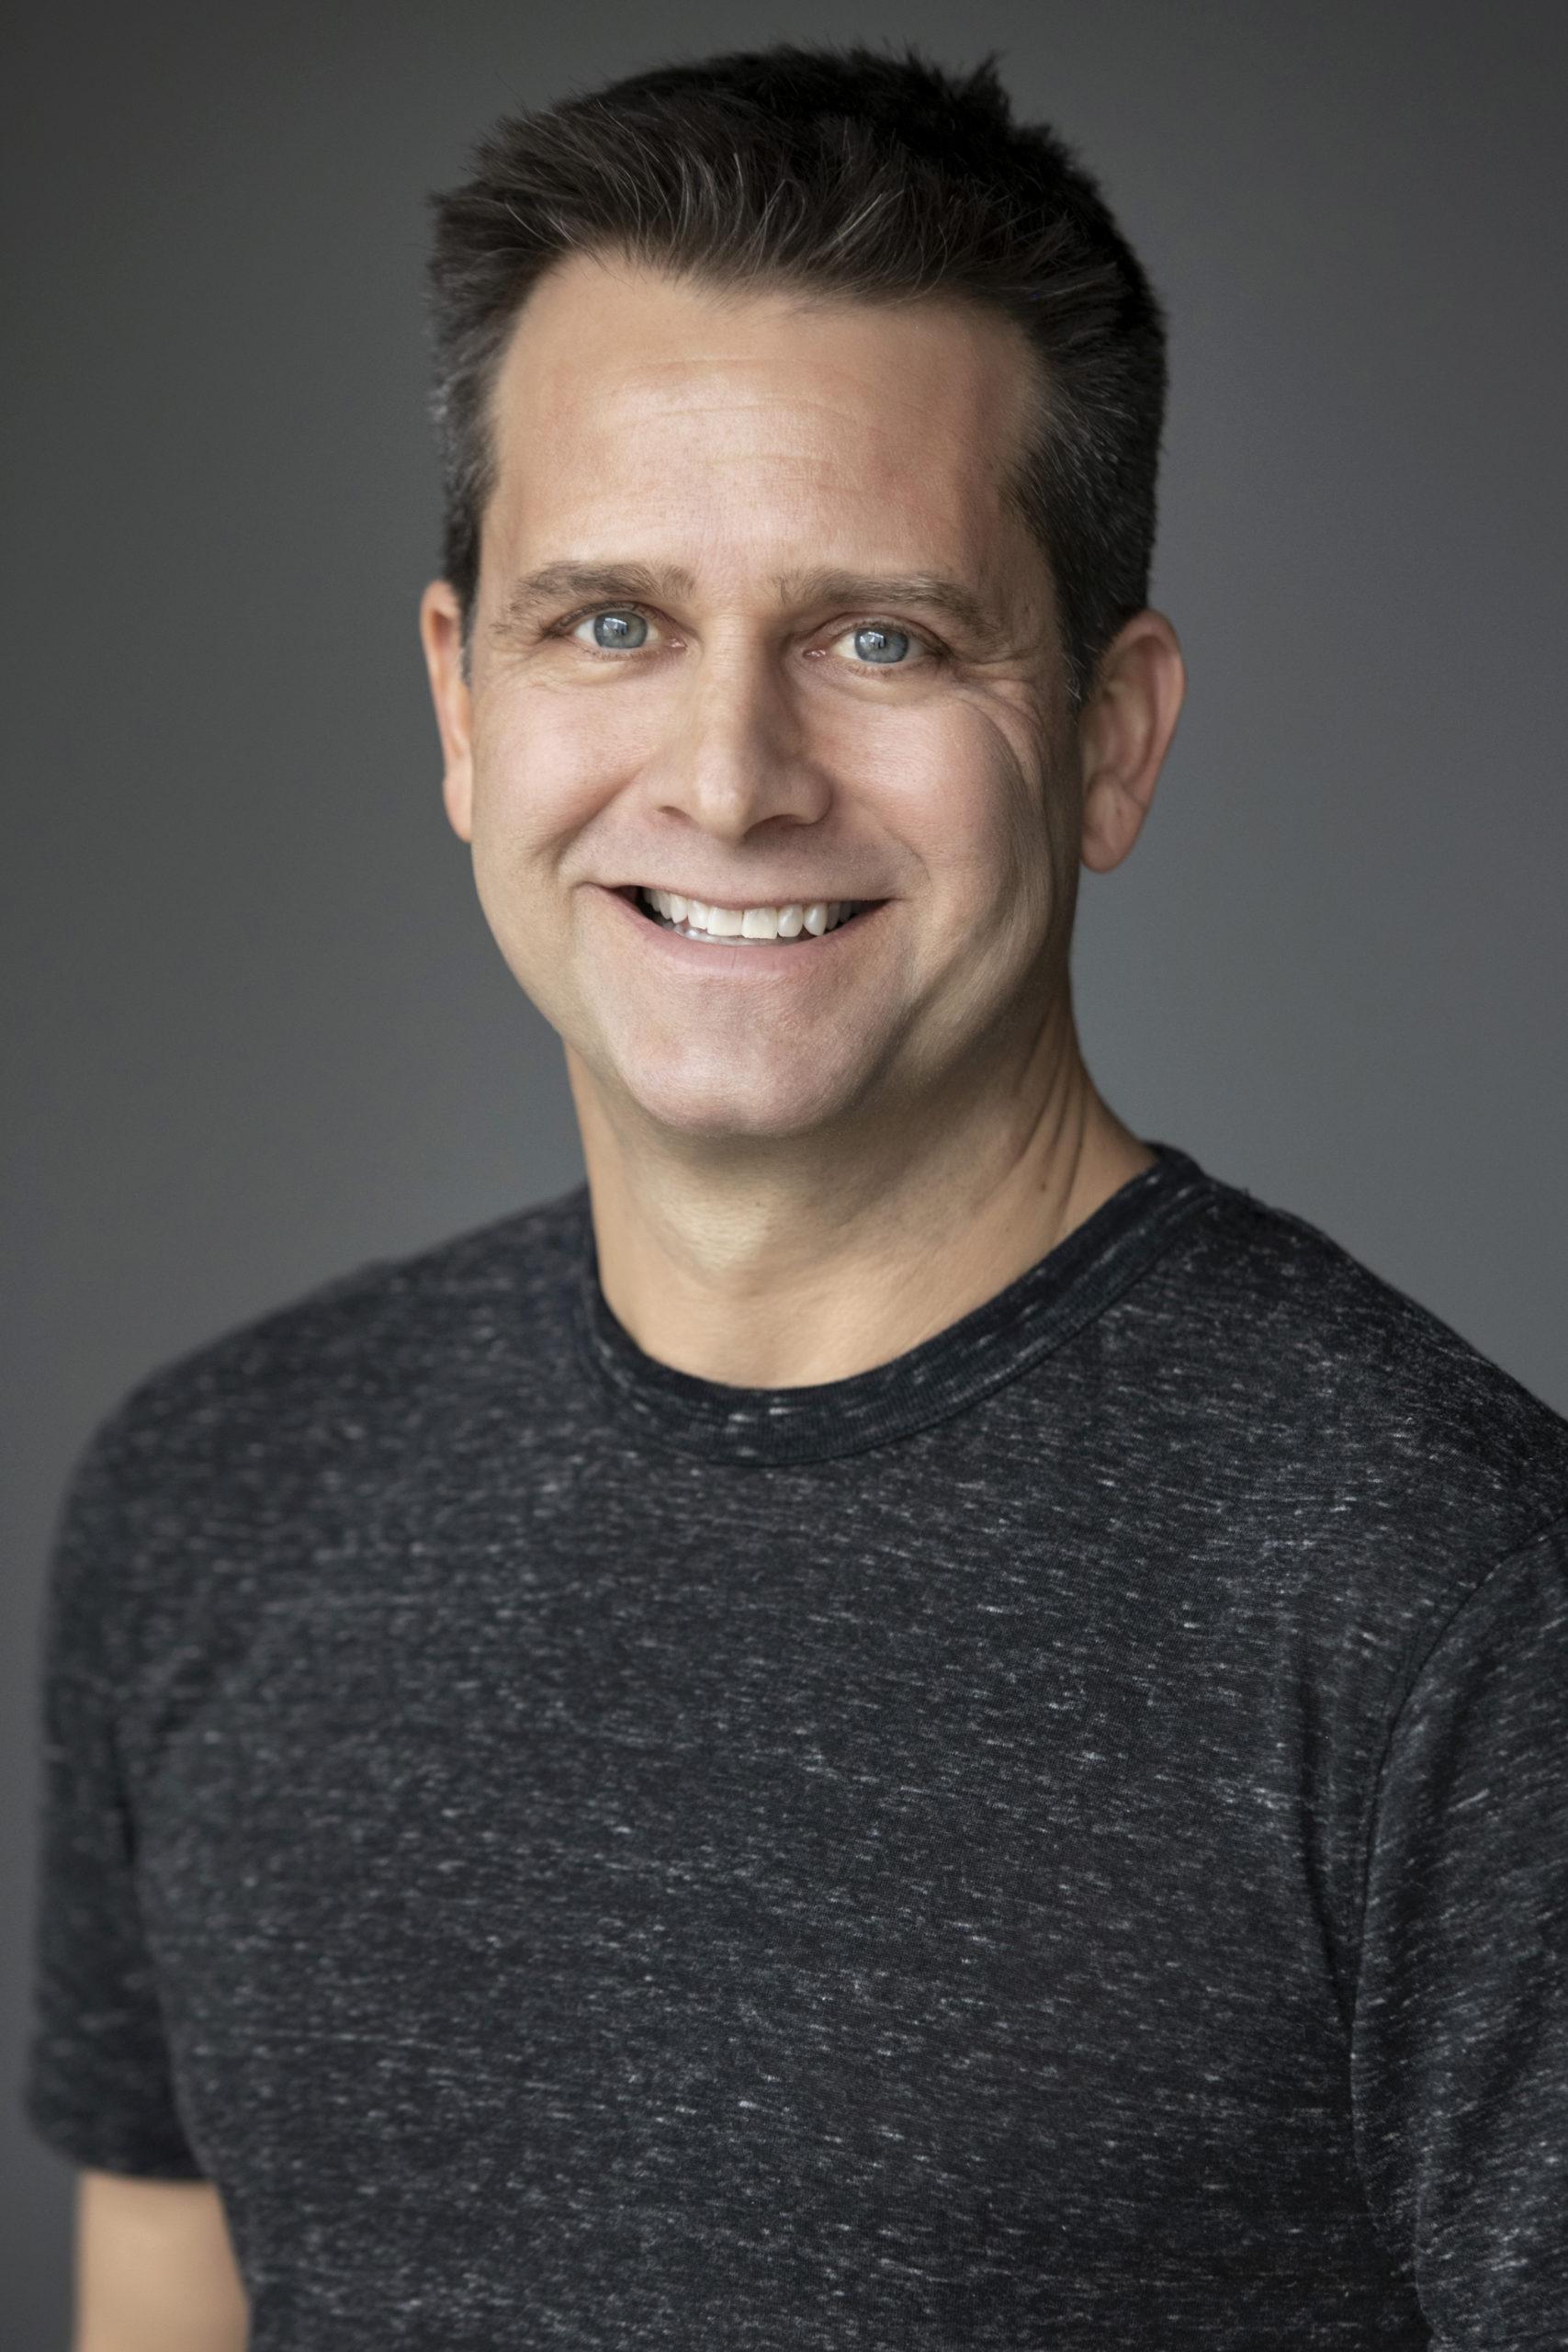 Sean Kanuso